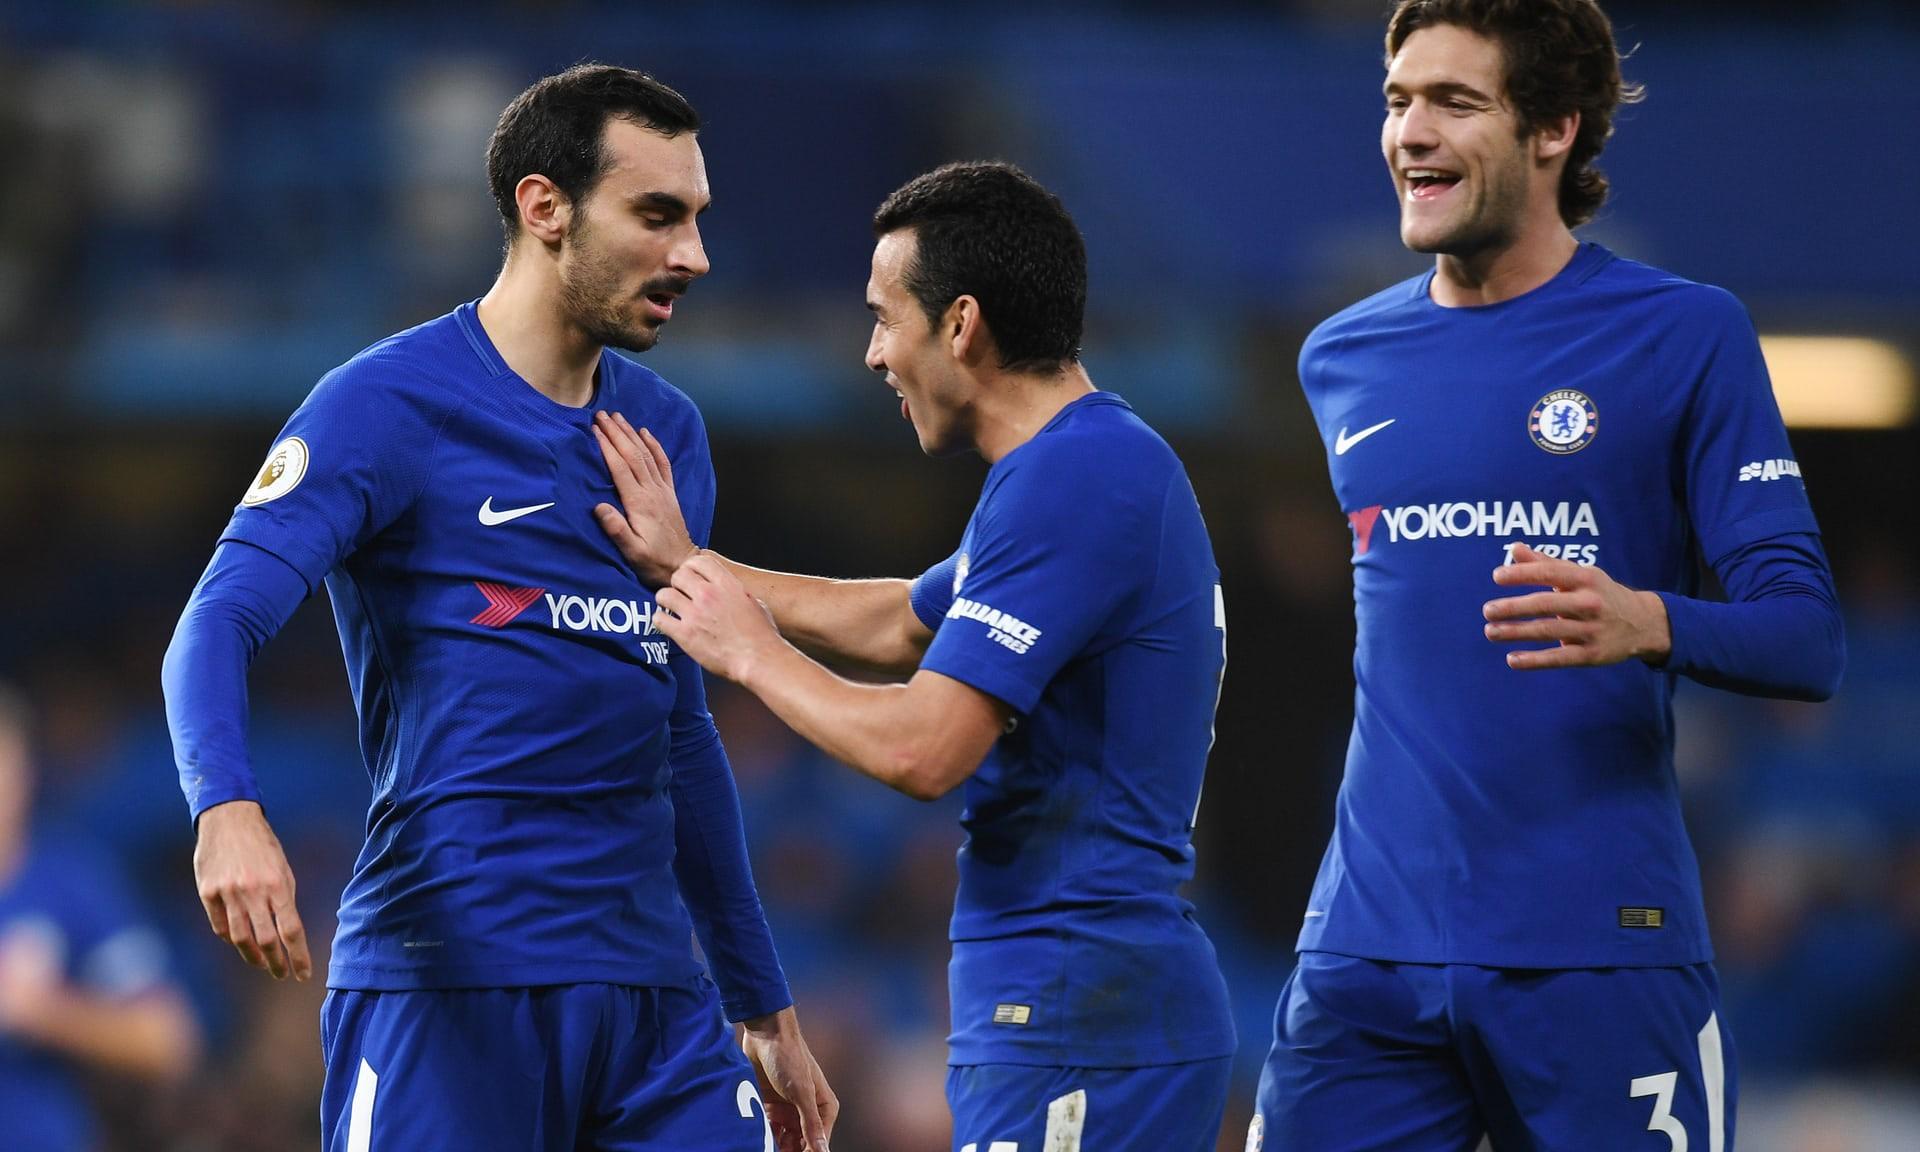 Hình ảnh: Chelsea đã có chiến thắng ngọt ngào chia tay năm cũ